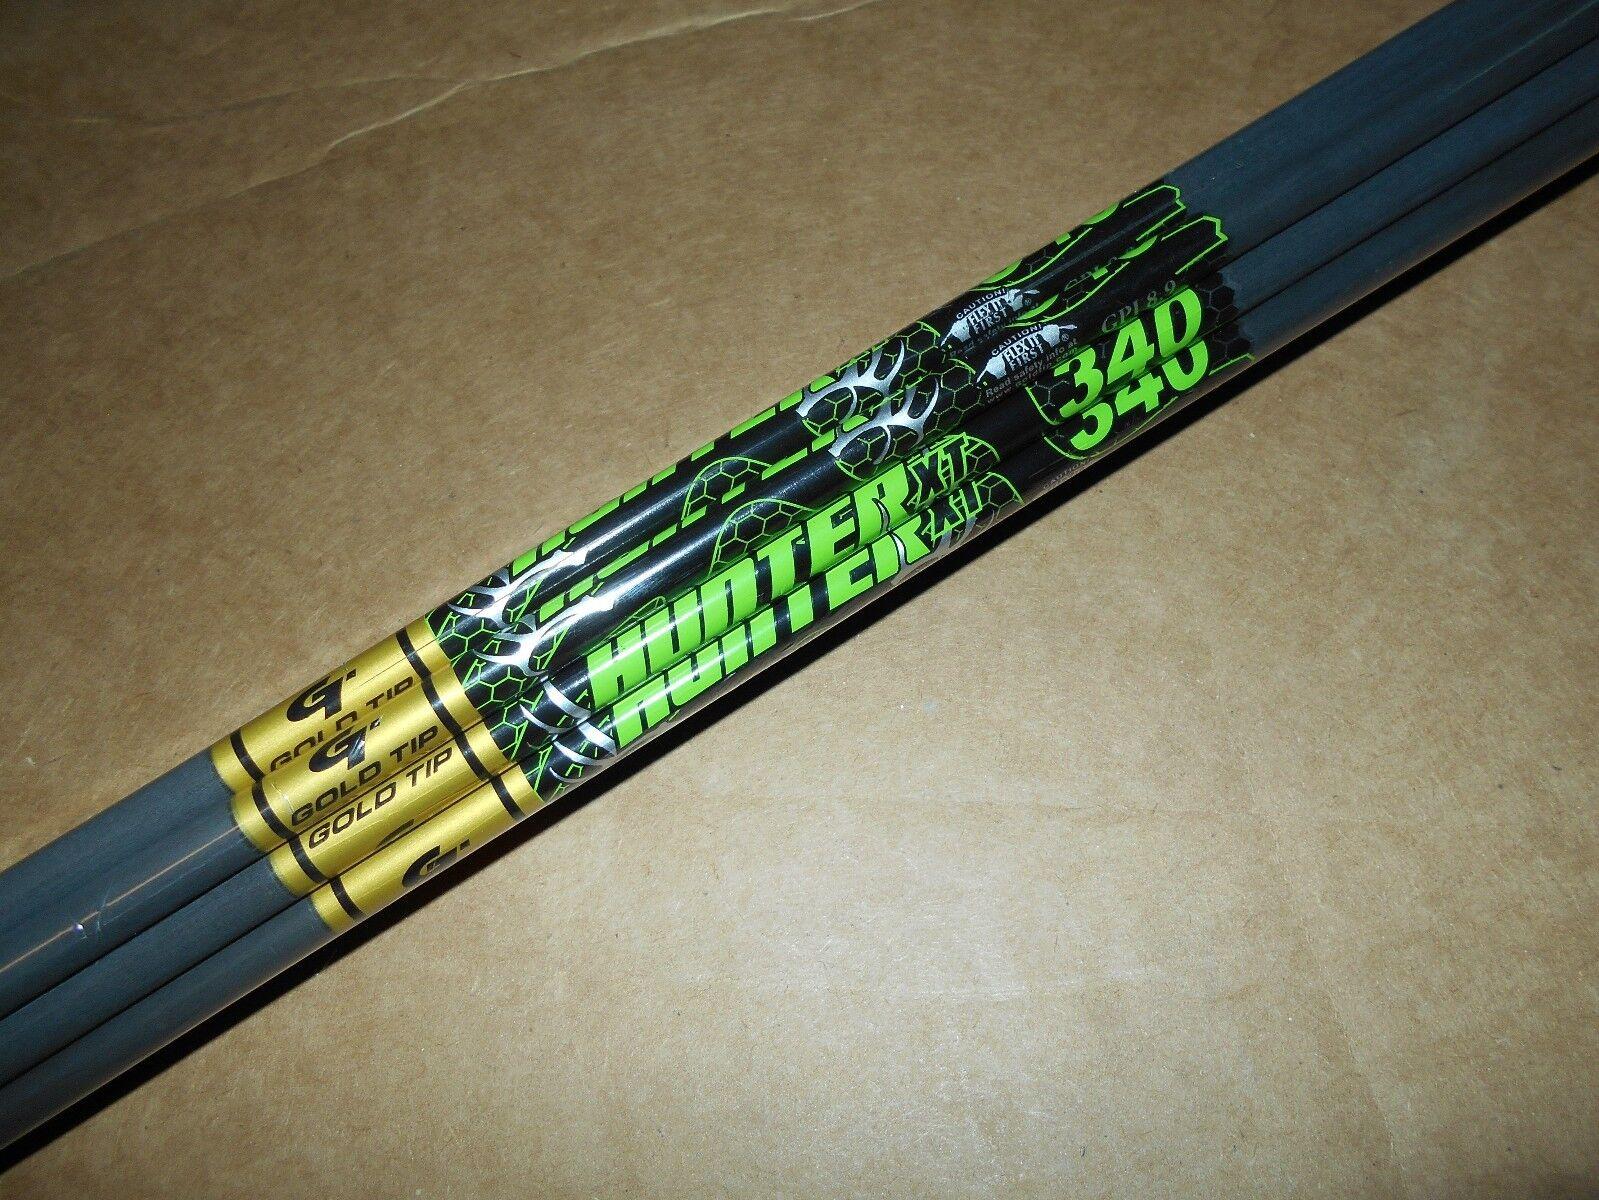 36-gold Tip XT Hunter 7595 340 Carbon Arrow Shafts  CUT TO LENGTH  3 dozen